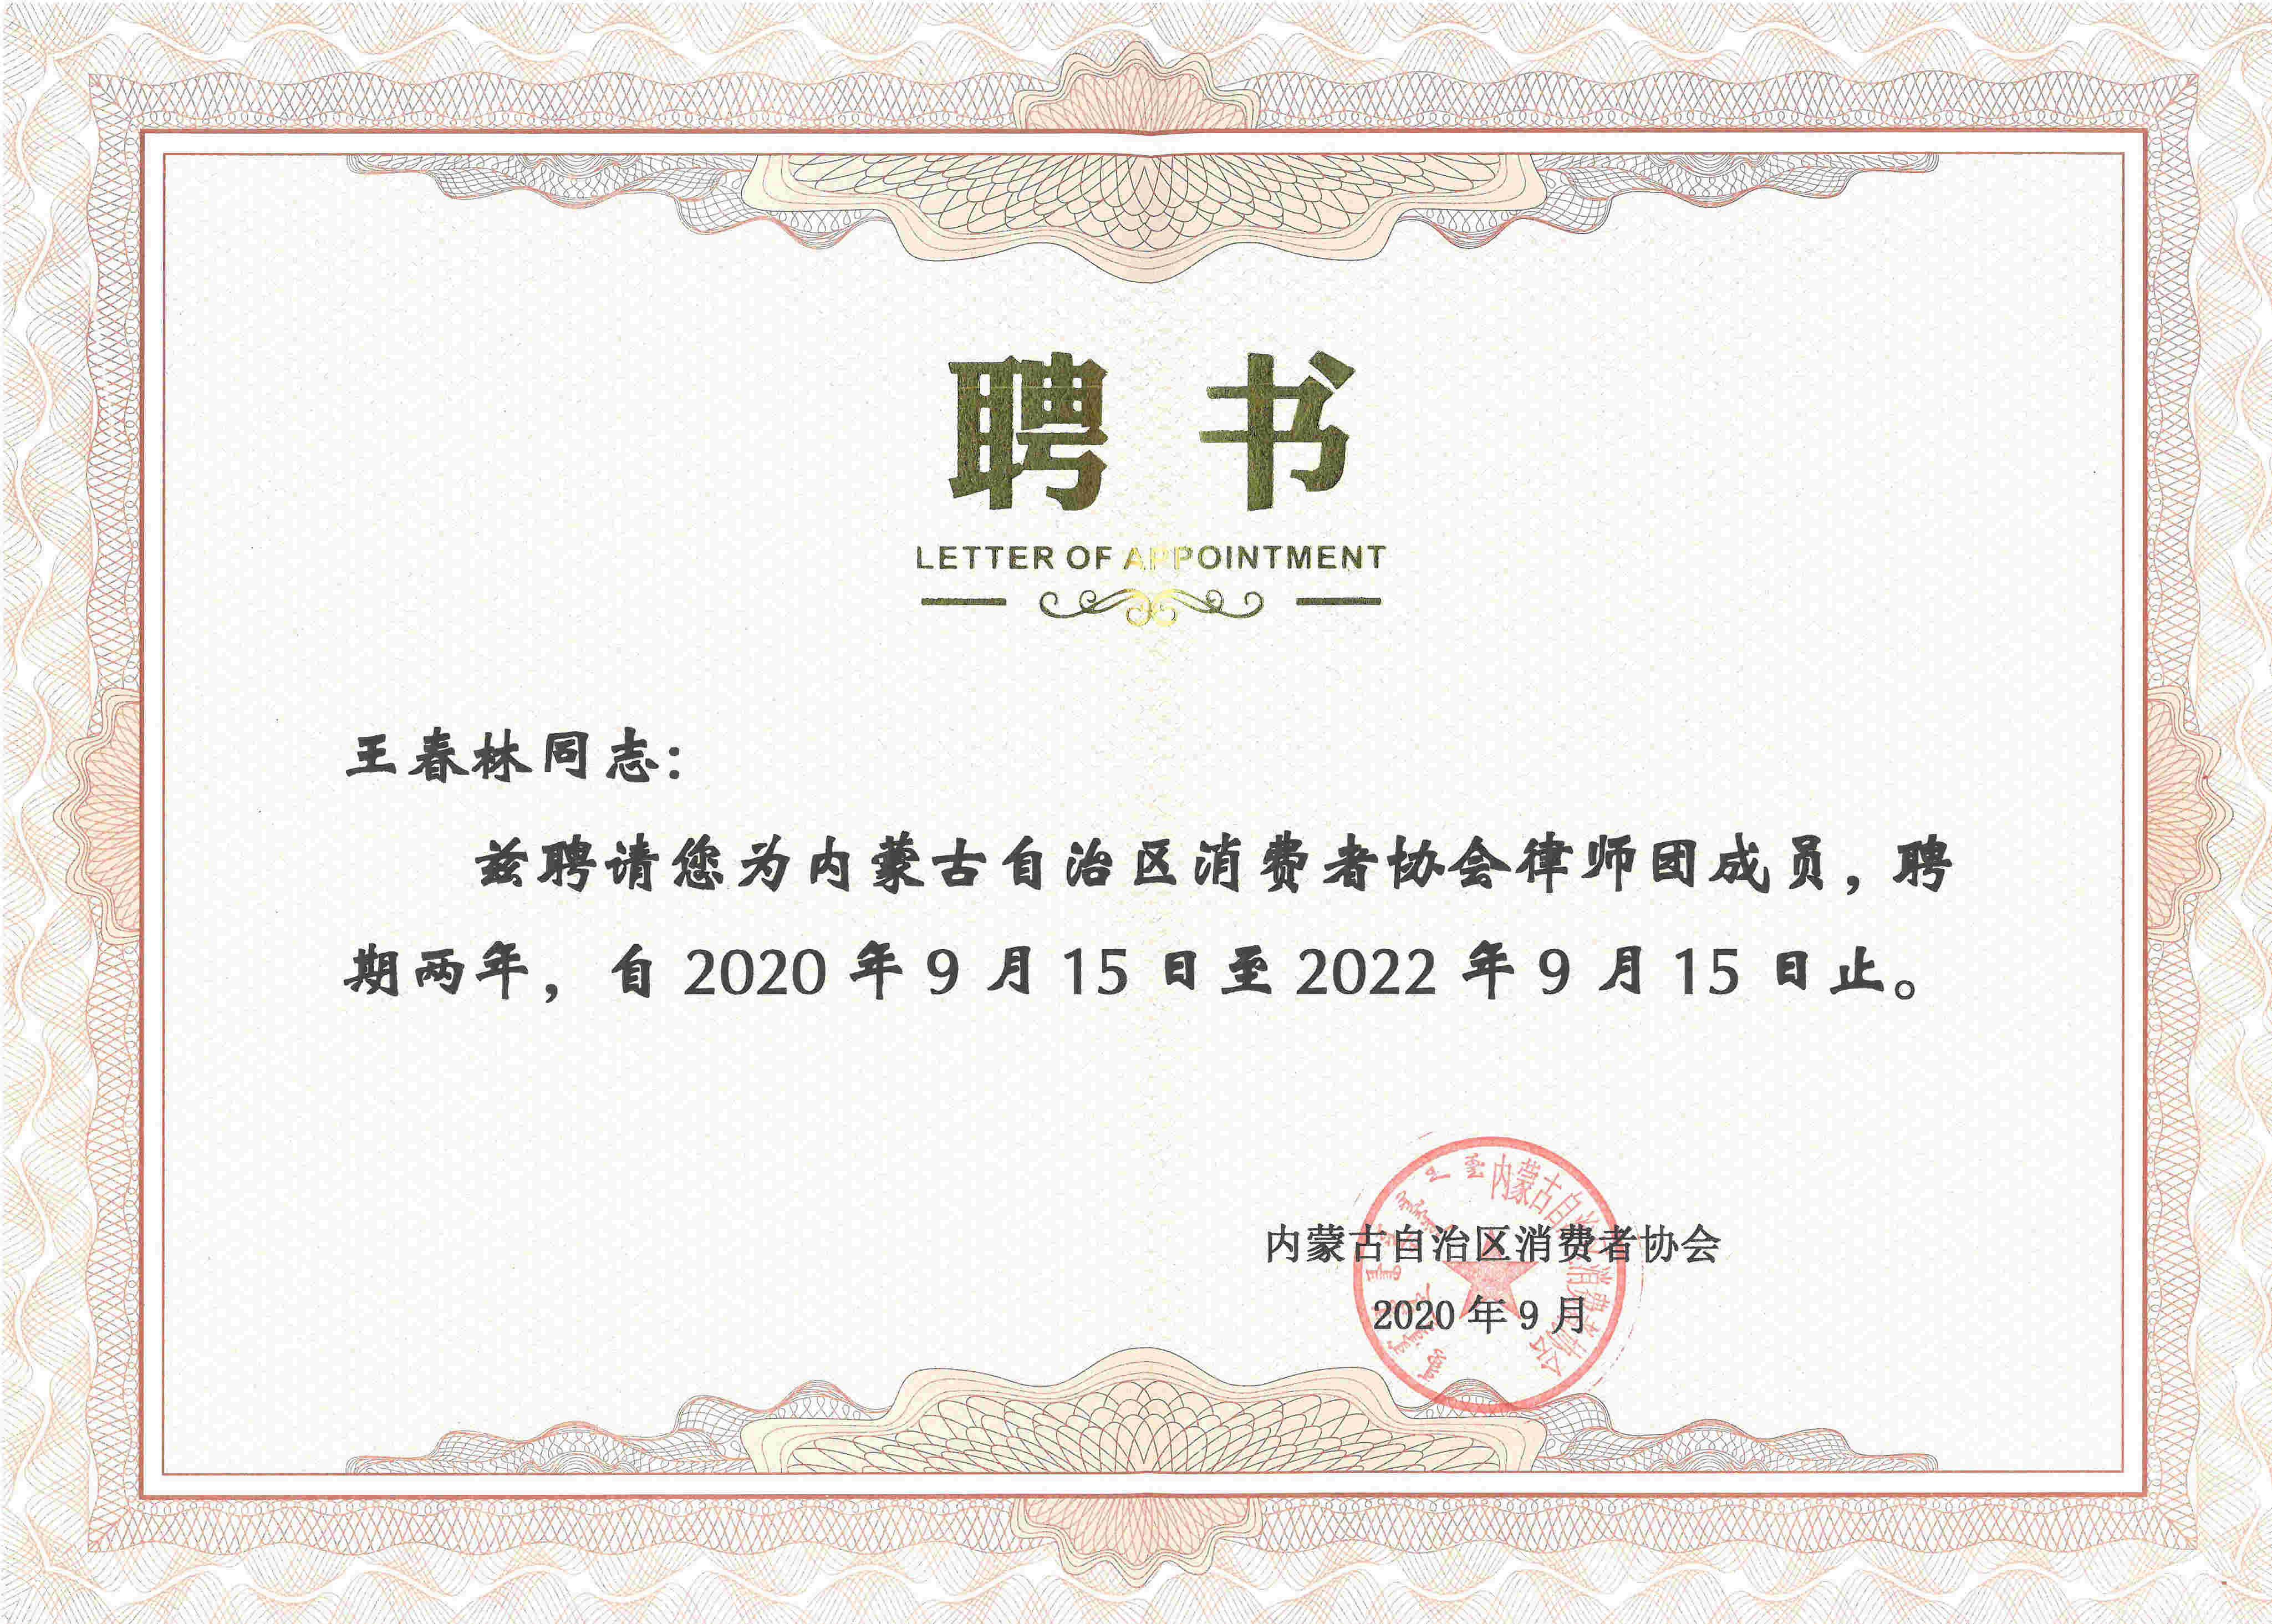 SKM_28720090717340_万能看图王